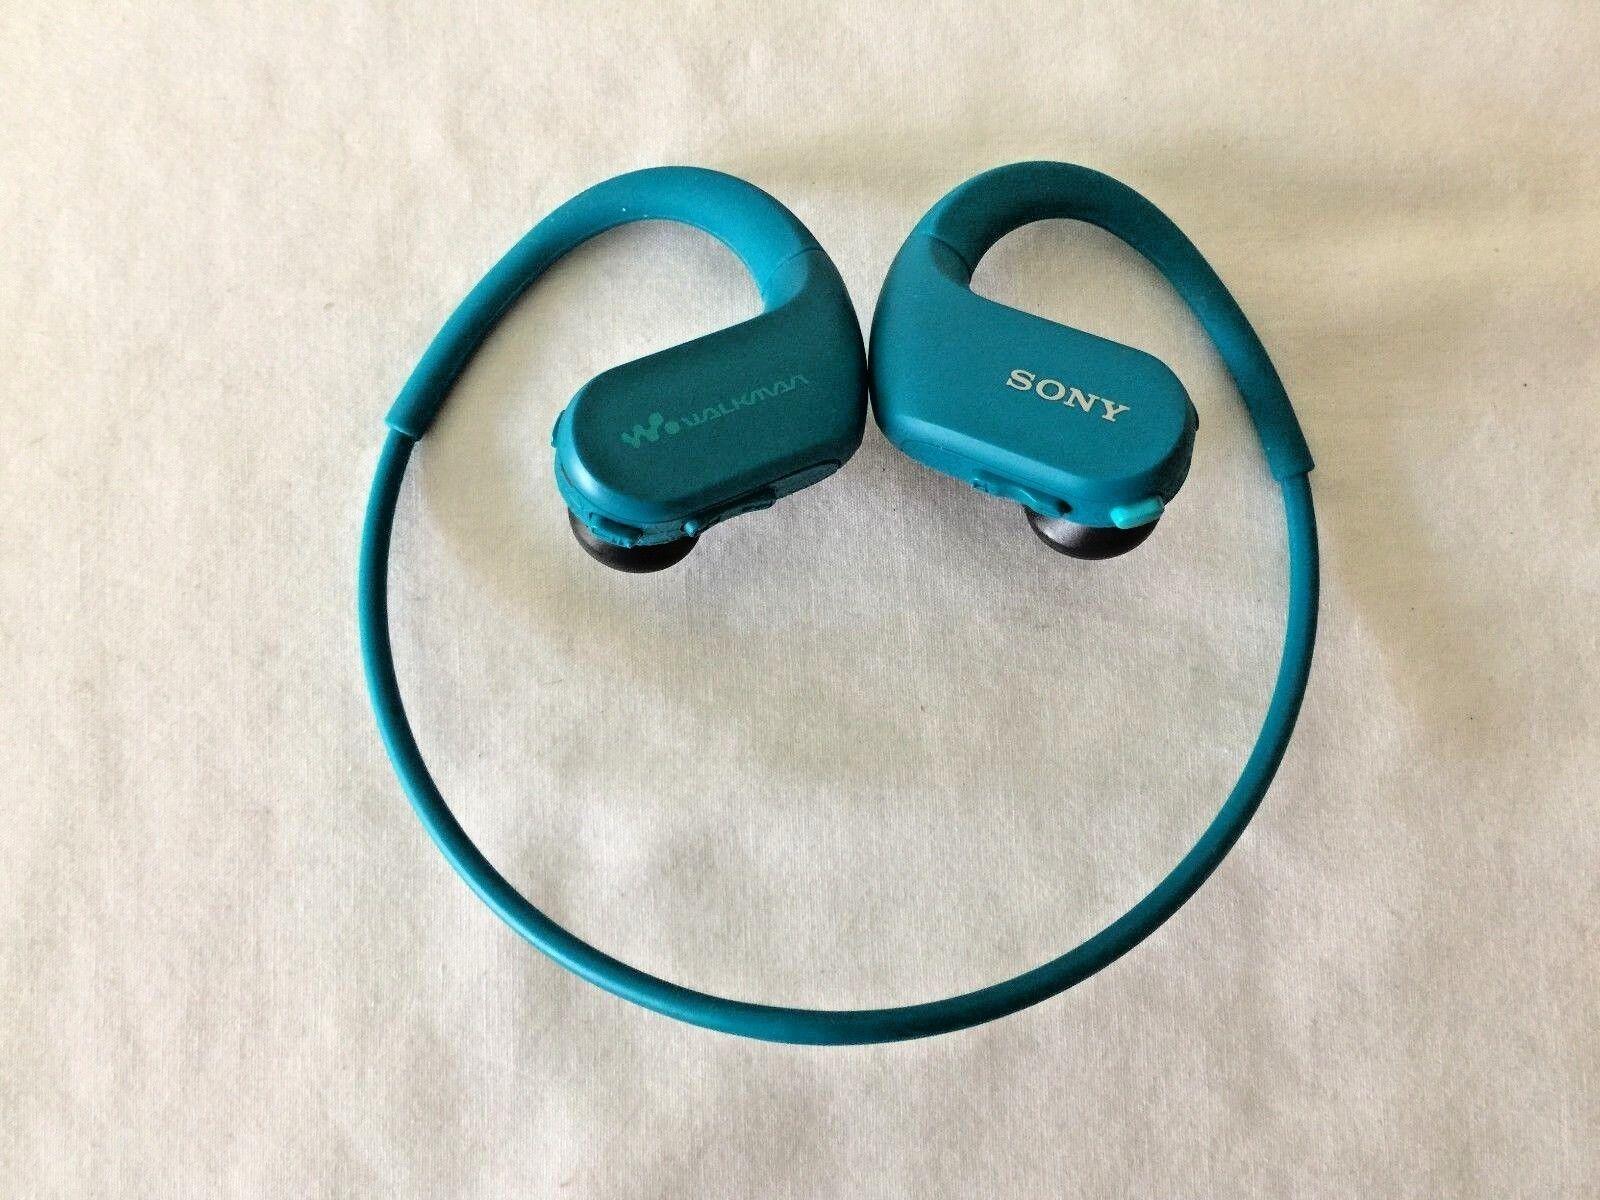 Sony Walkman NW-WS413 Blue 4GB Sports Wearable MP3 NWWS413 Waterproof READ 2 - $14.29